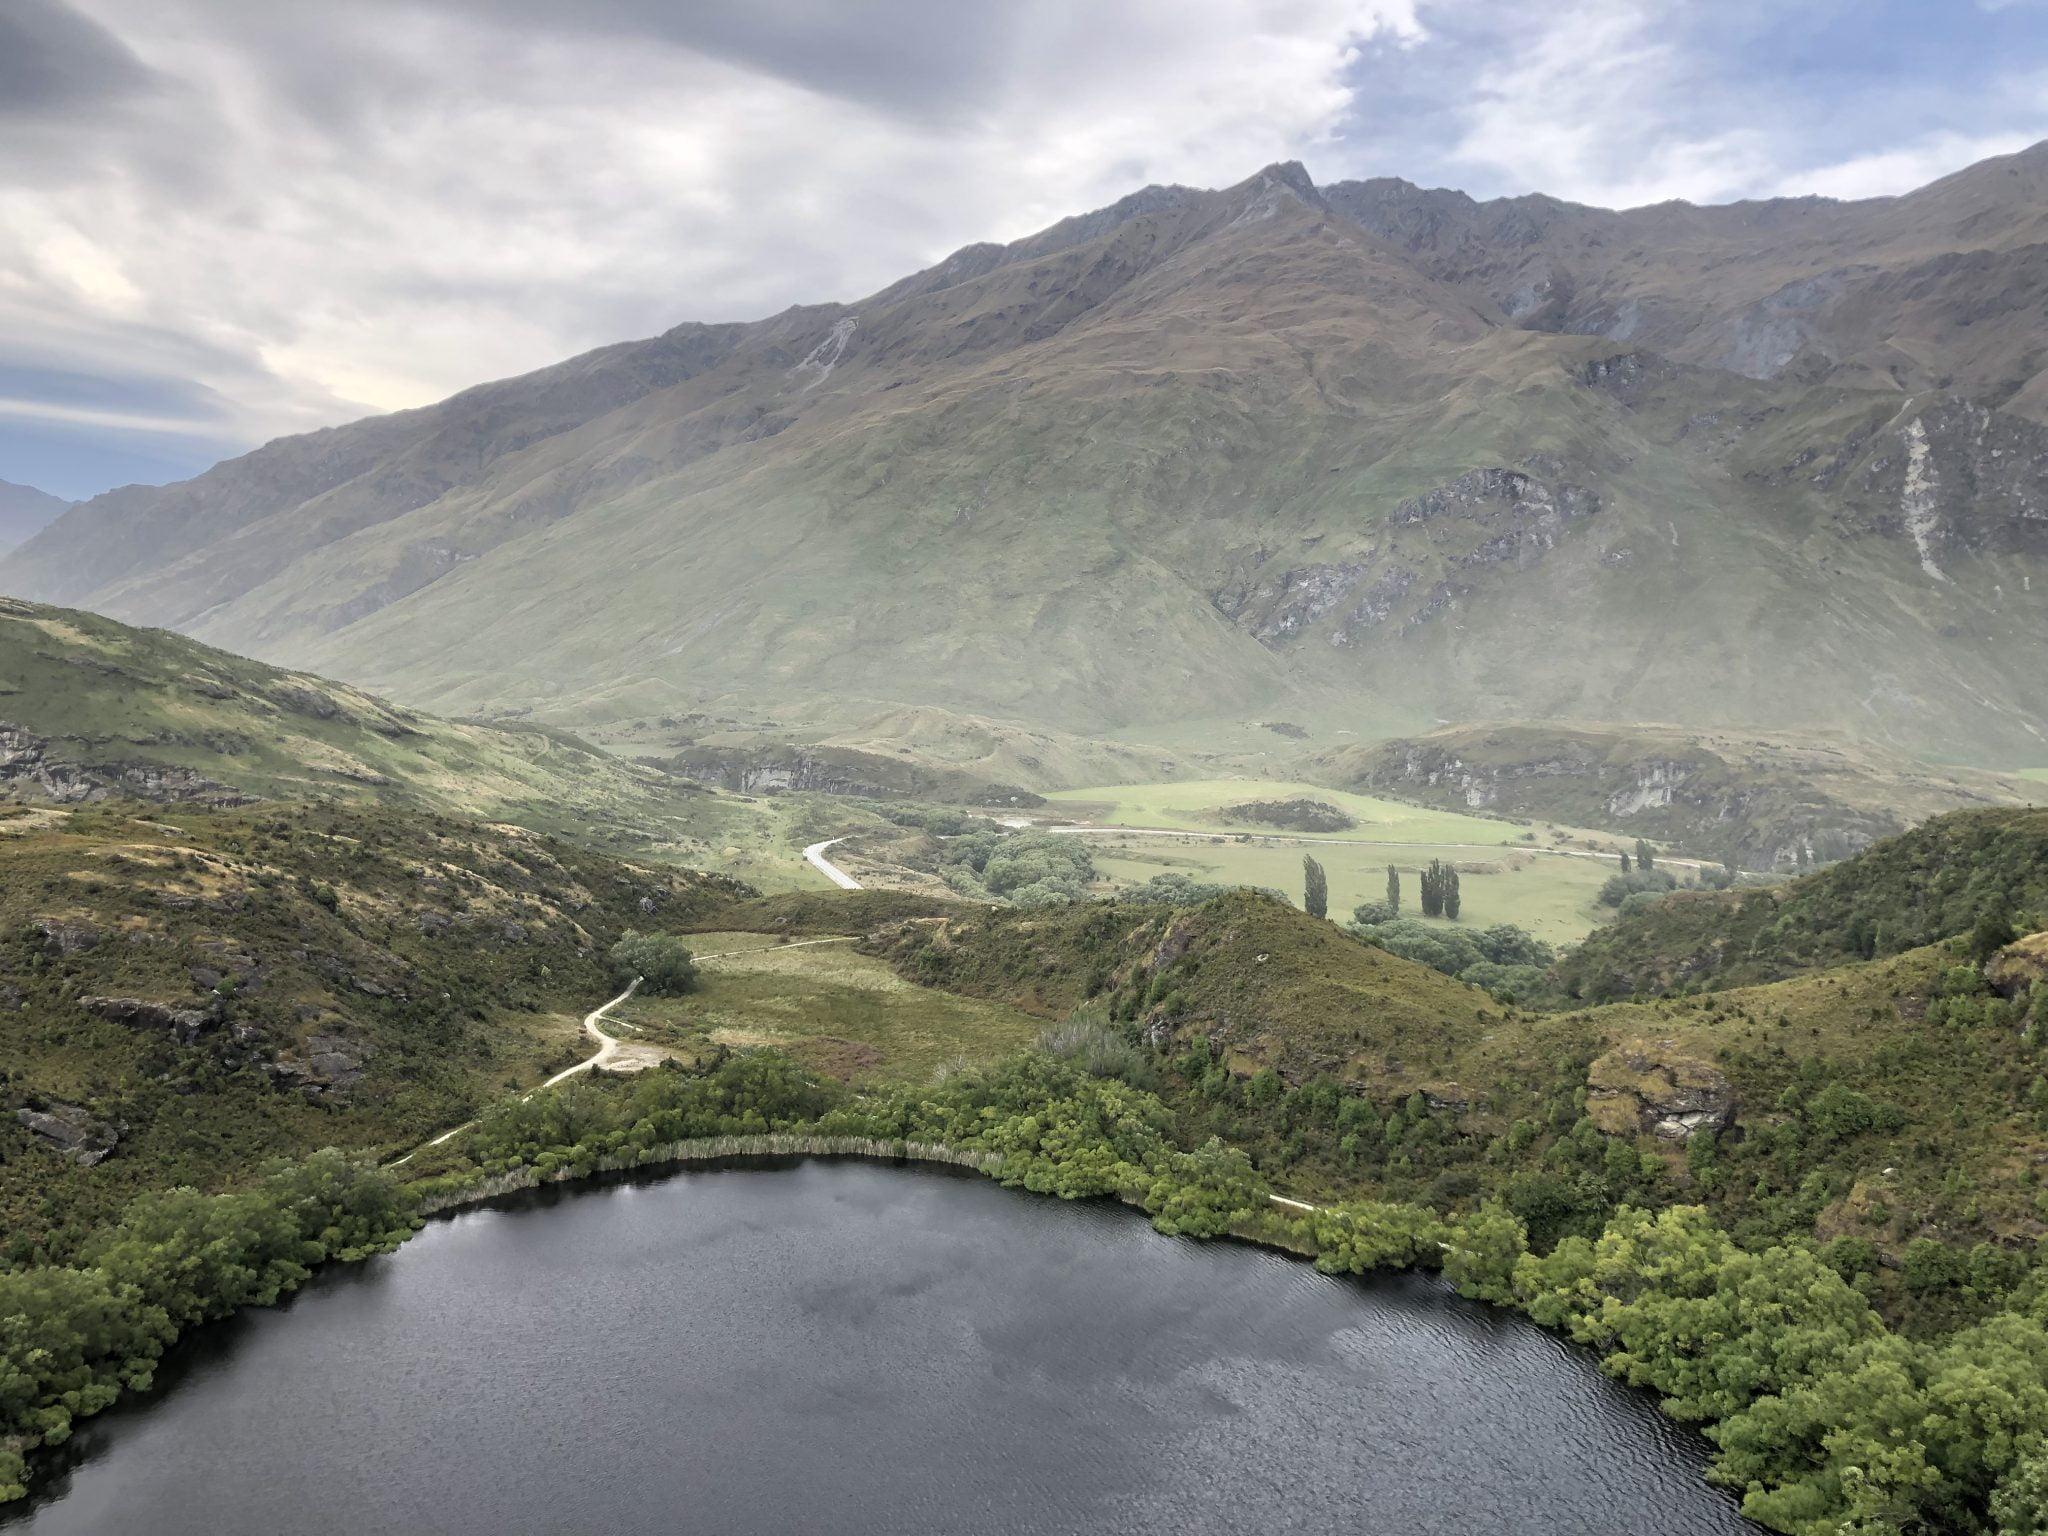 Views Lake Wanaka, New Zealand